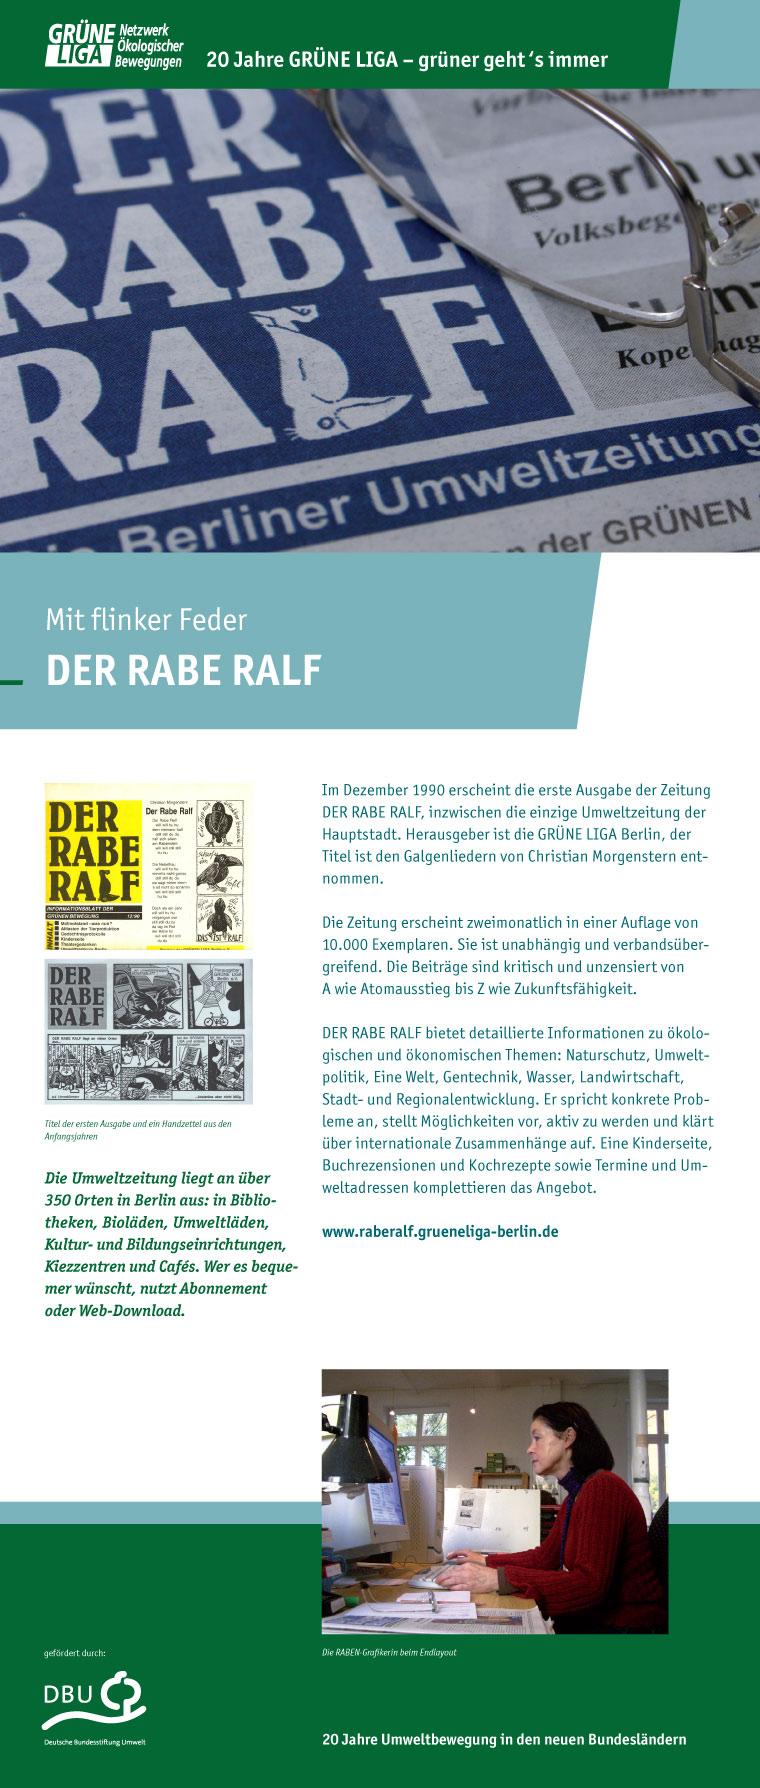 Mit flinker Feder - DER RABE RALF